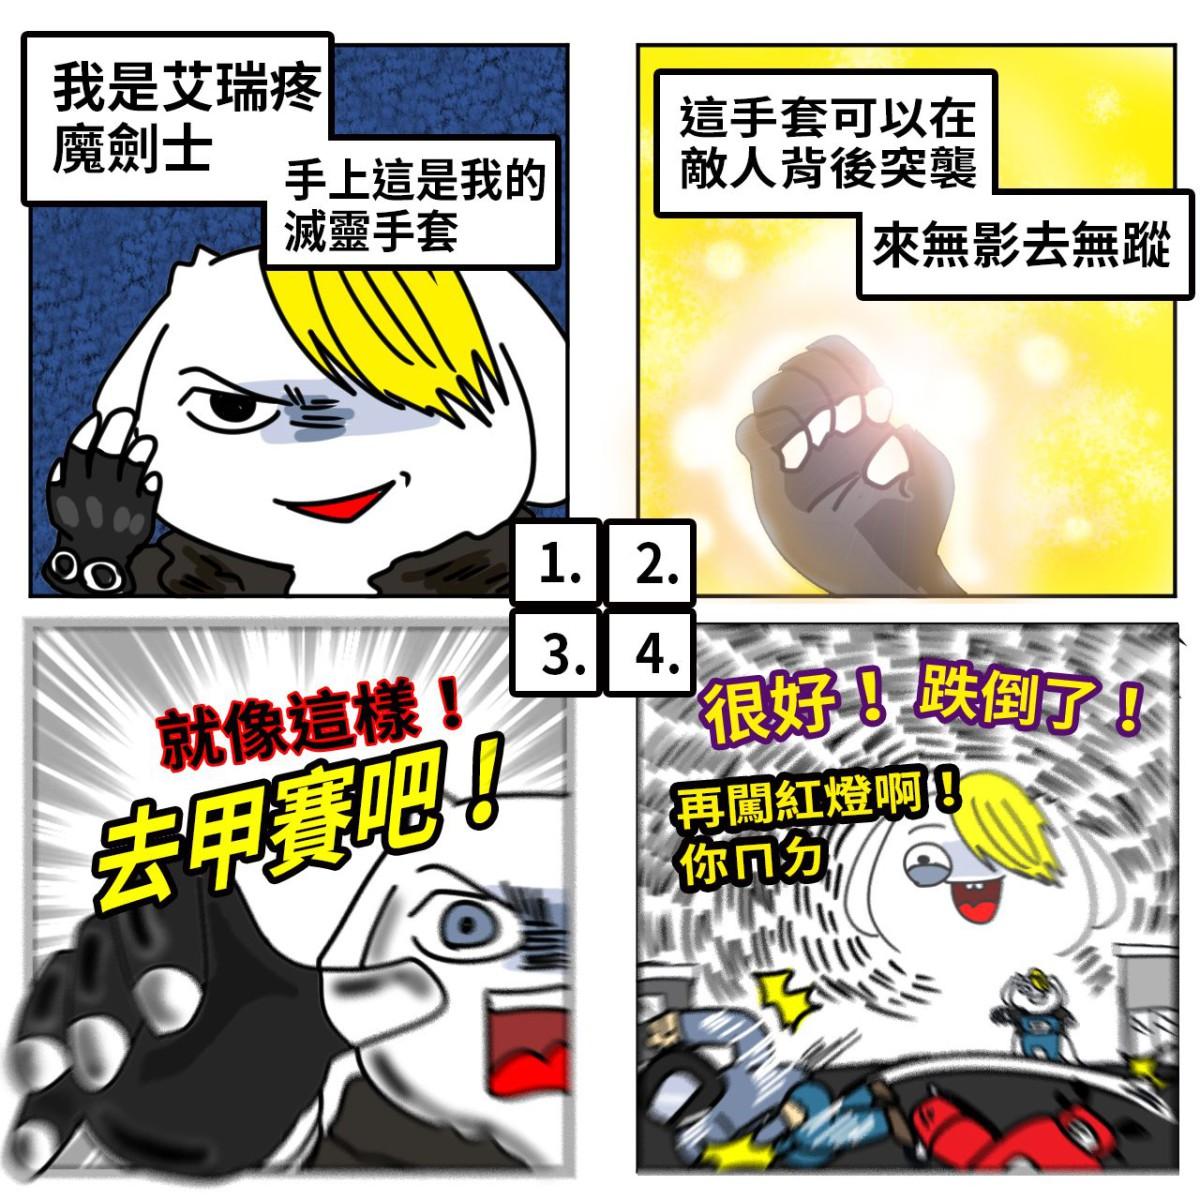 新瑪奇英雄傳_完稿1